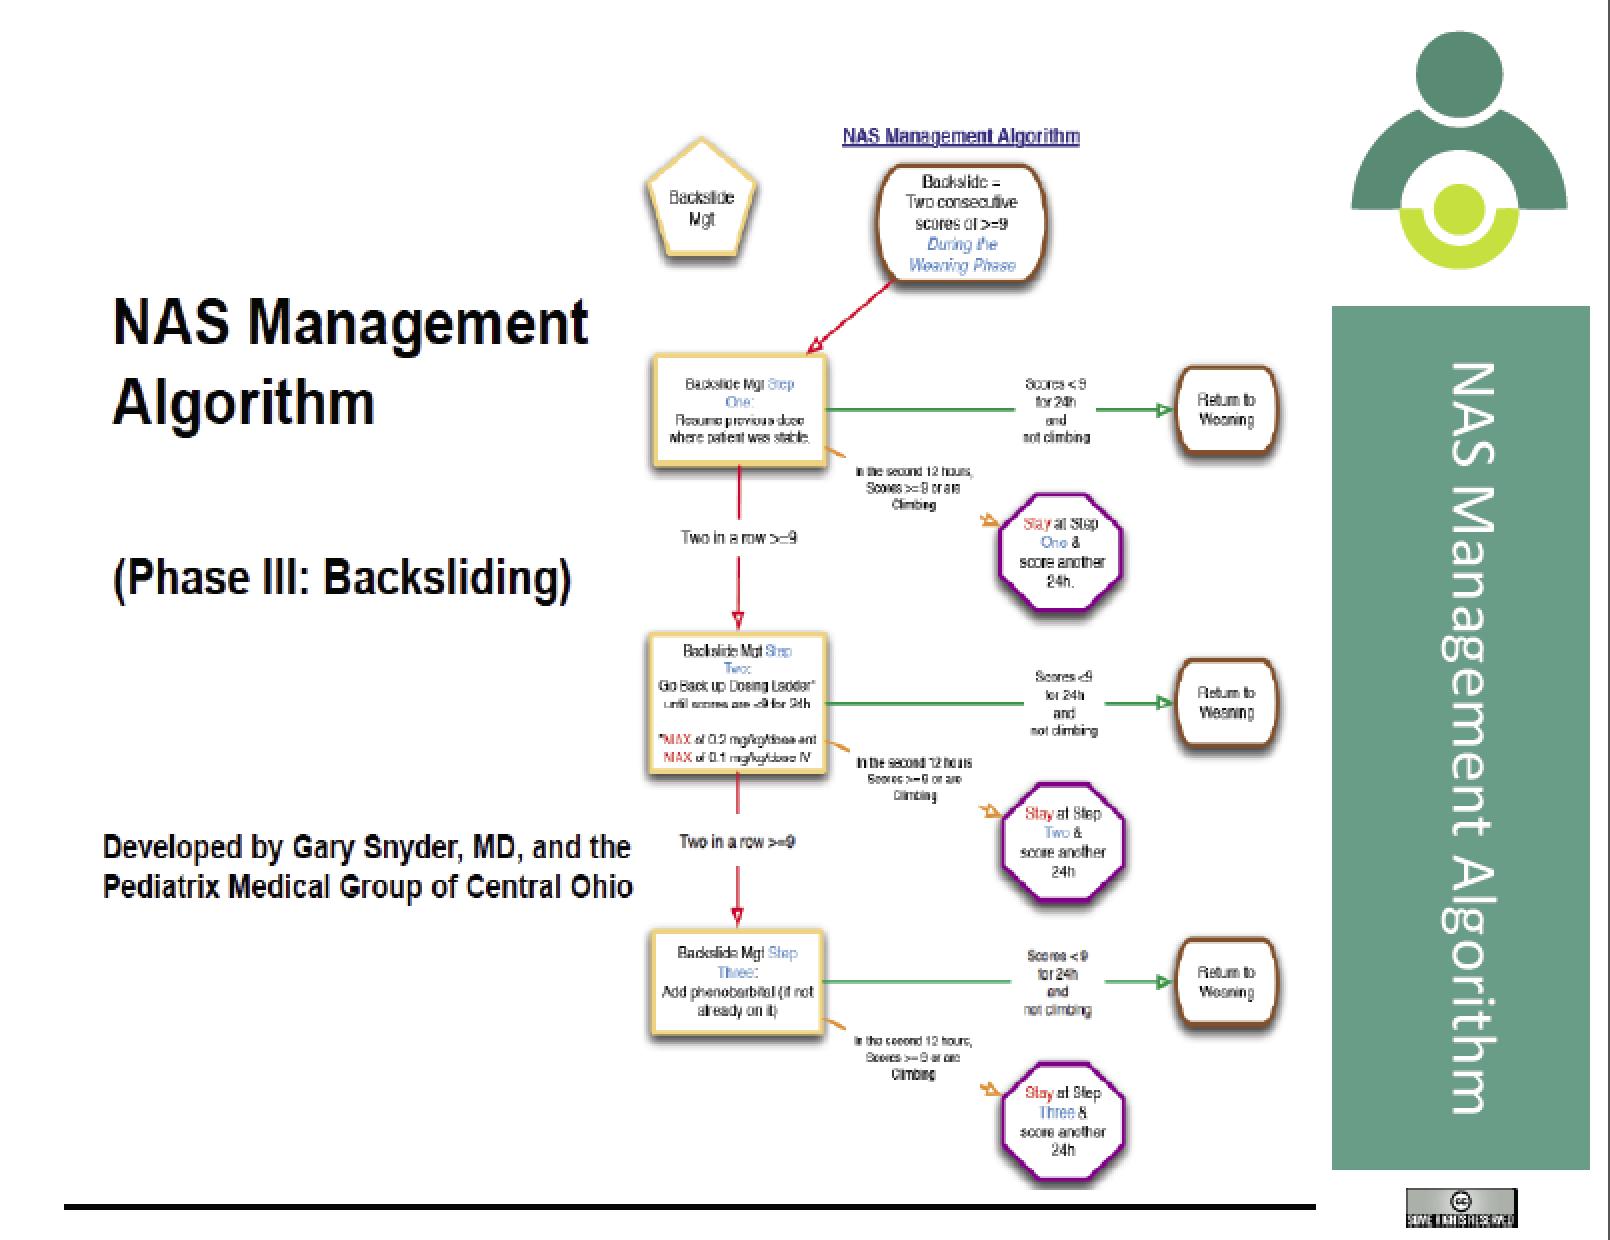 backsliding algorithm image